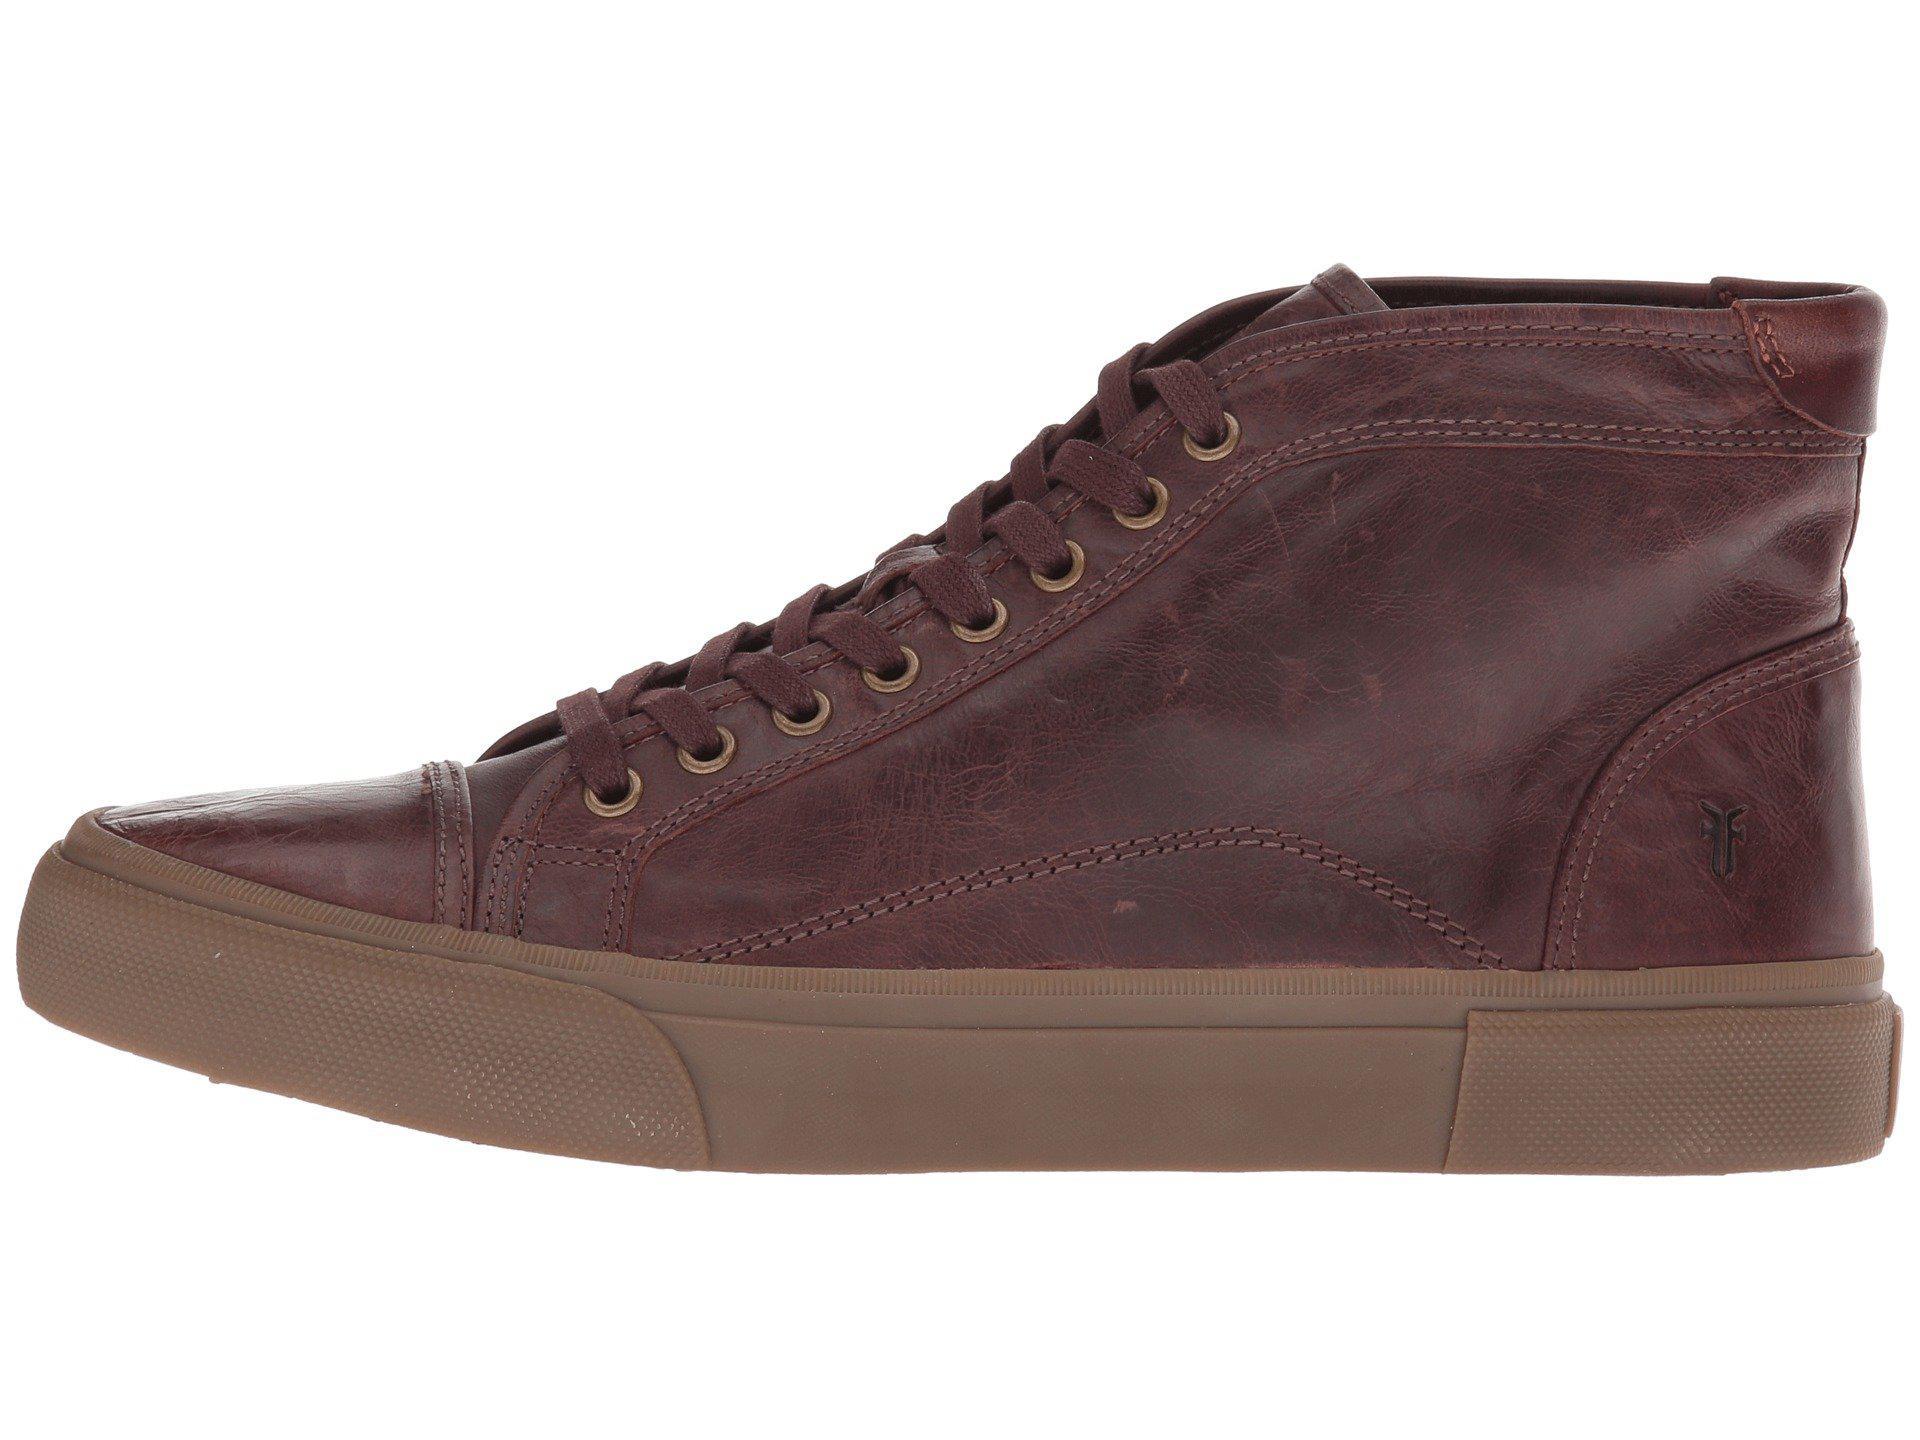 Frye Ludlow Cap Toe High Sneaker in